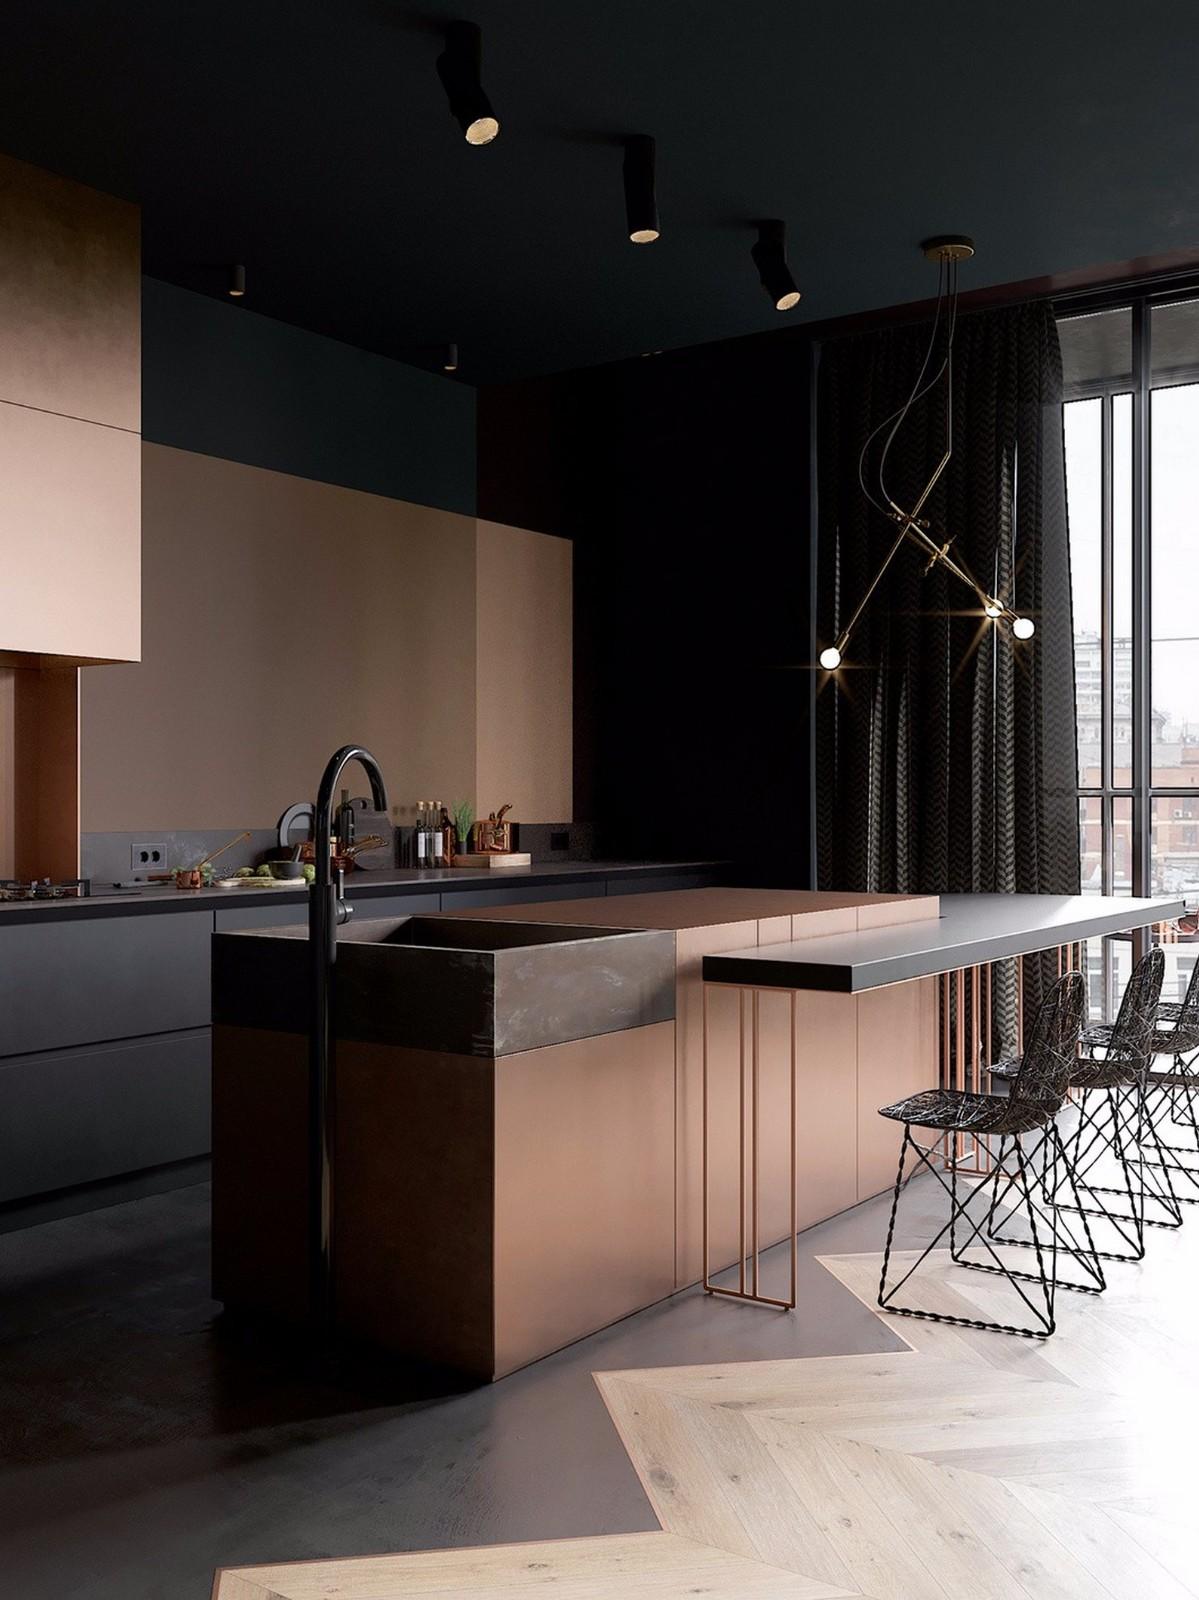 2021现代餐厅效果图 2021现代厨房岛台效果图